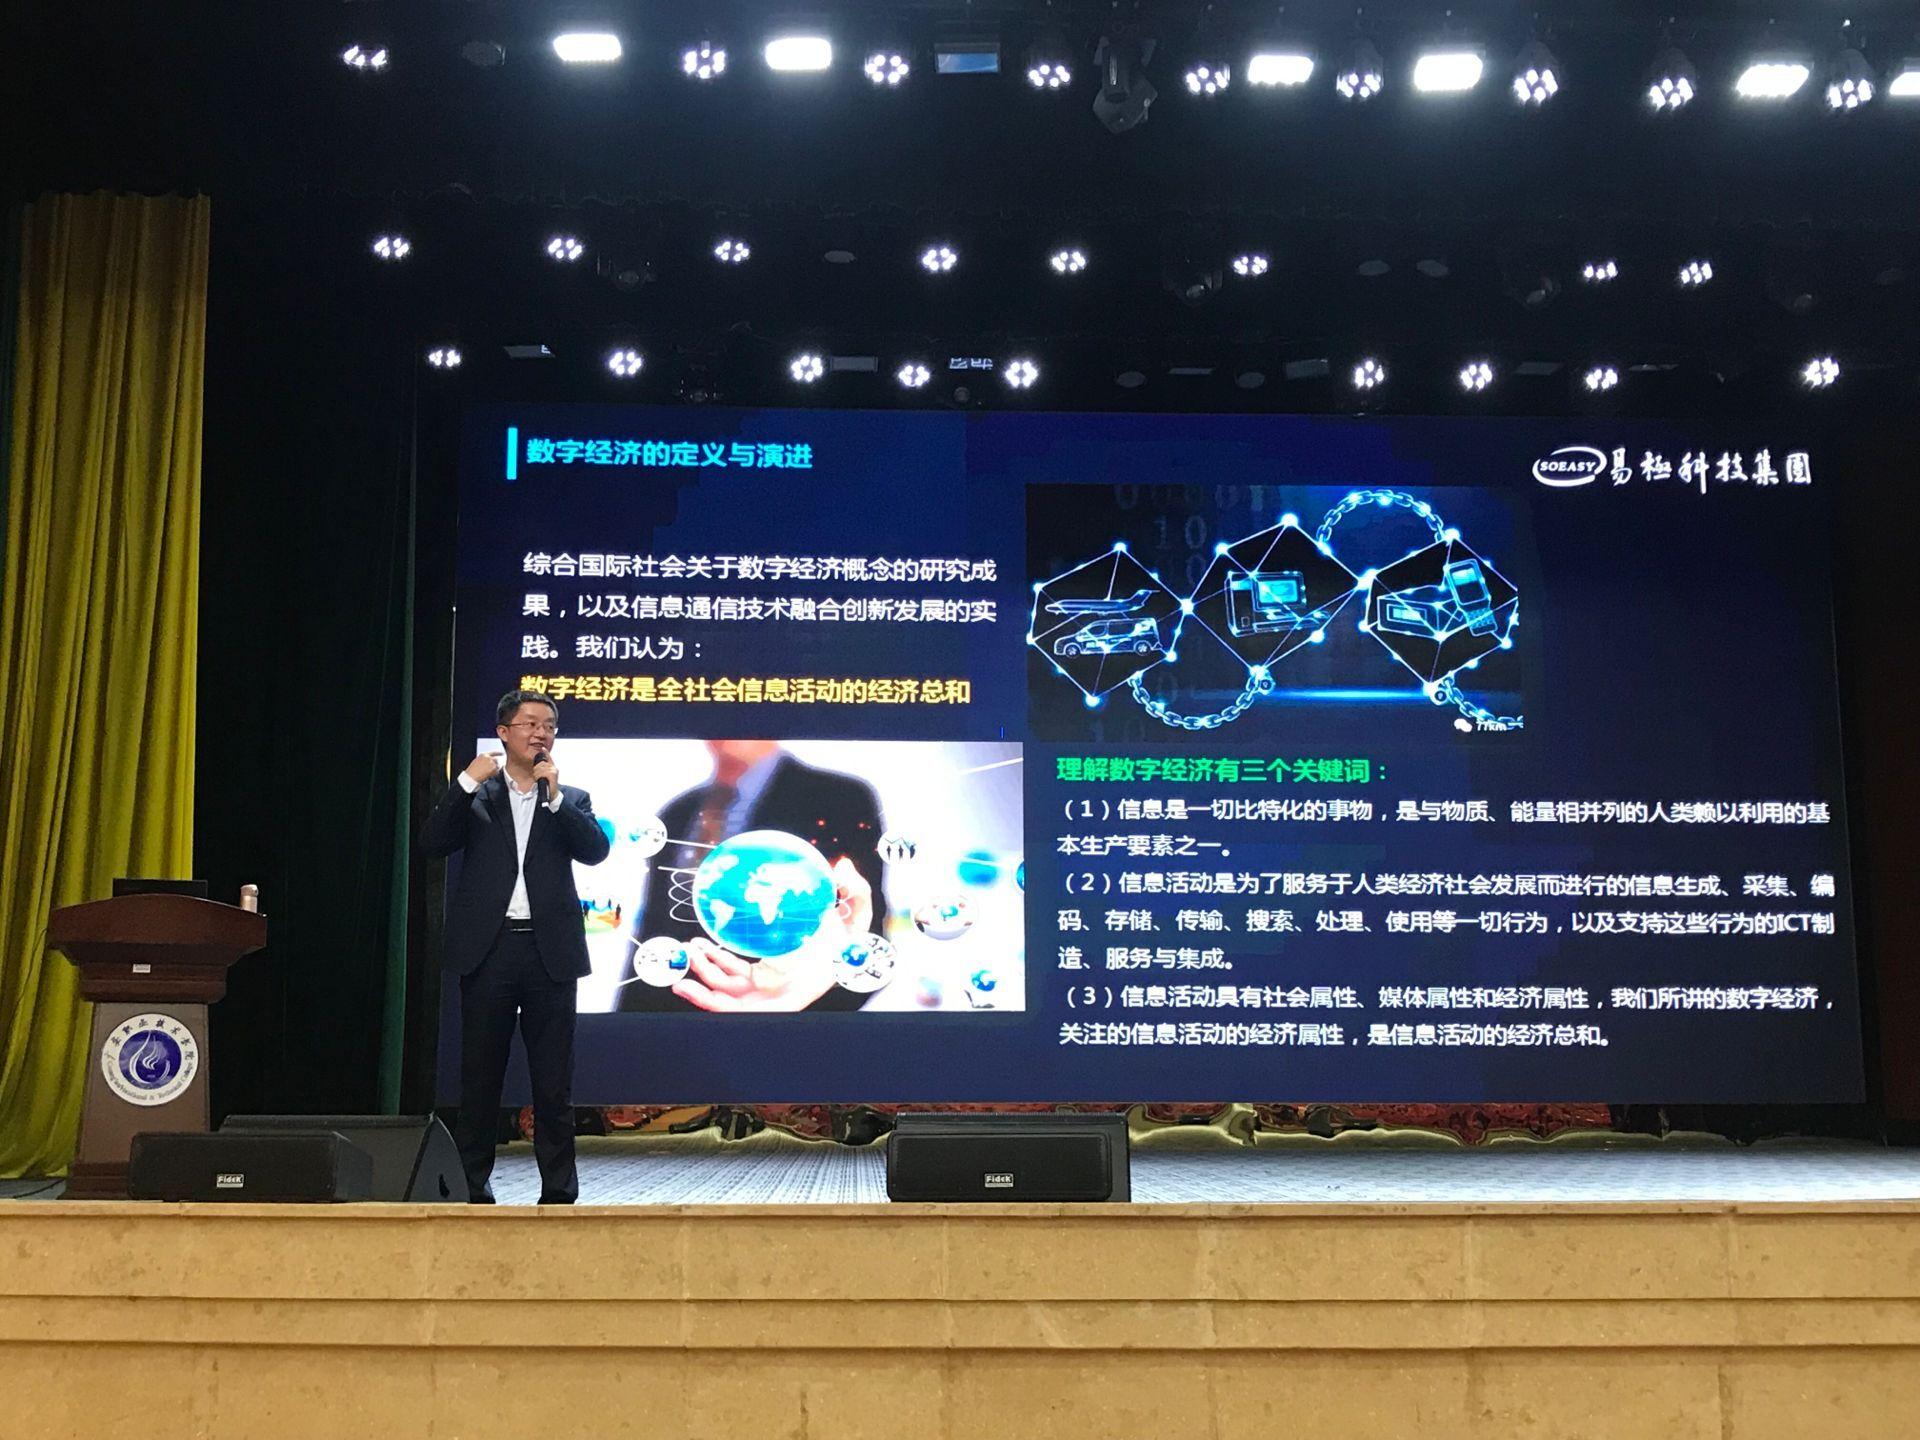 公司董事长应邀为广安职业技术学院师生作报告